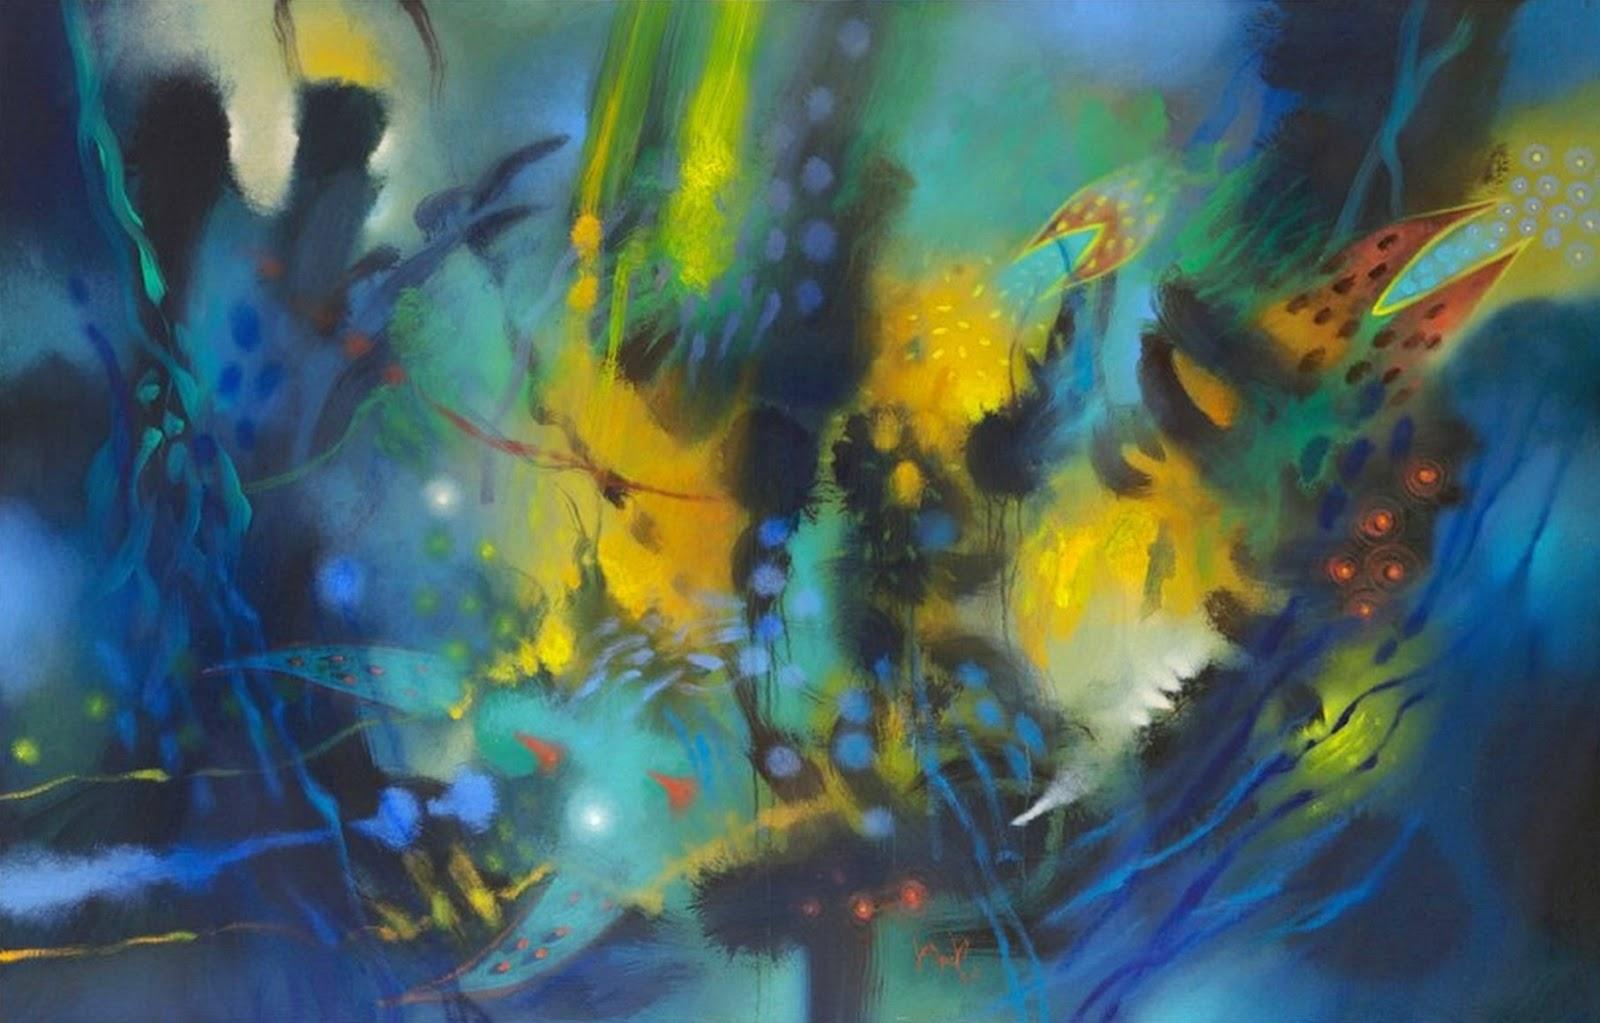 Pintura moderna y fotograf a art stica pinturas - Fotos cuadros abstractos ...